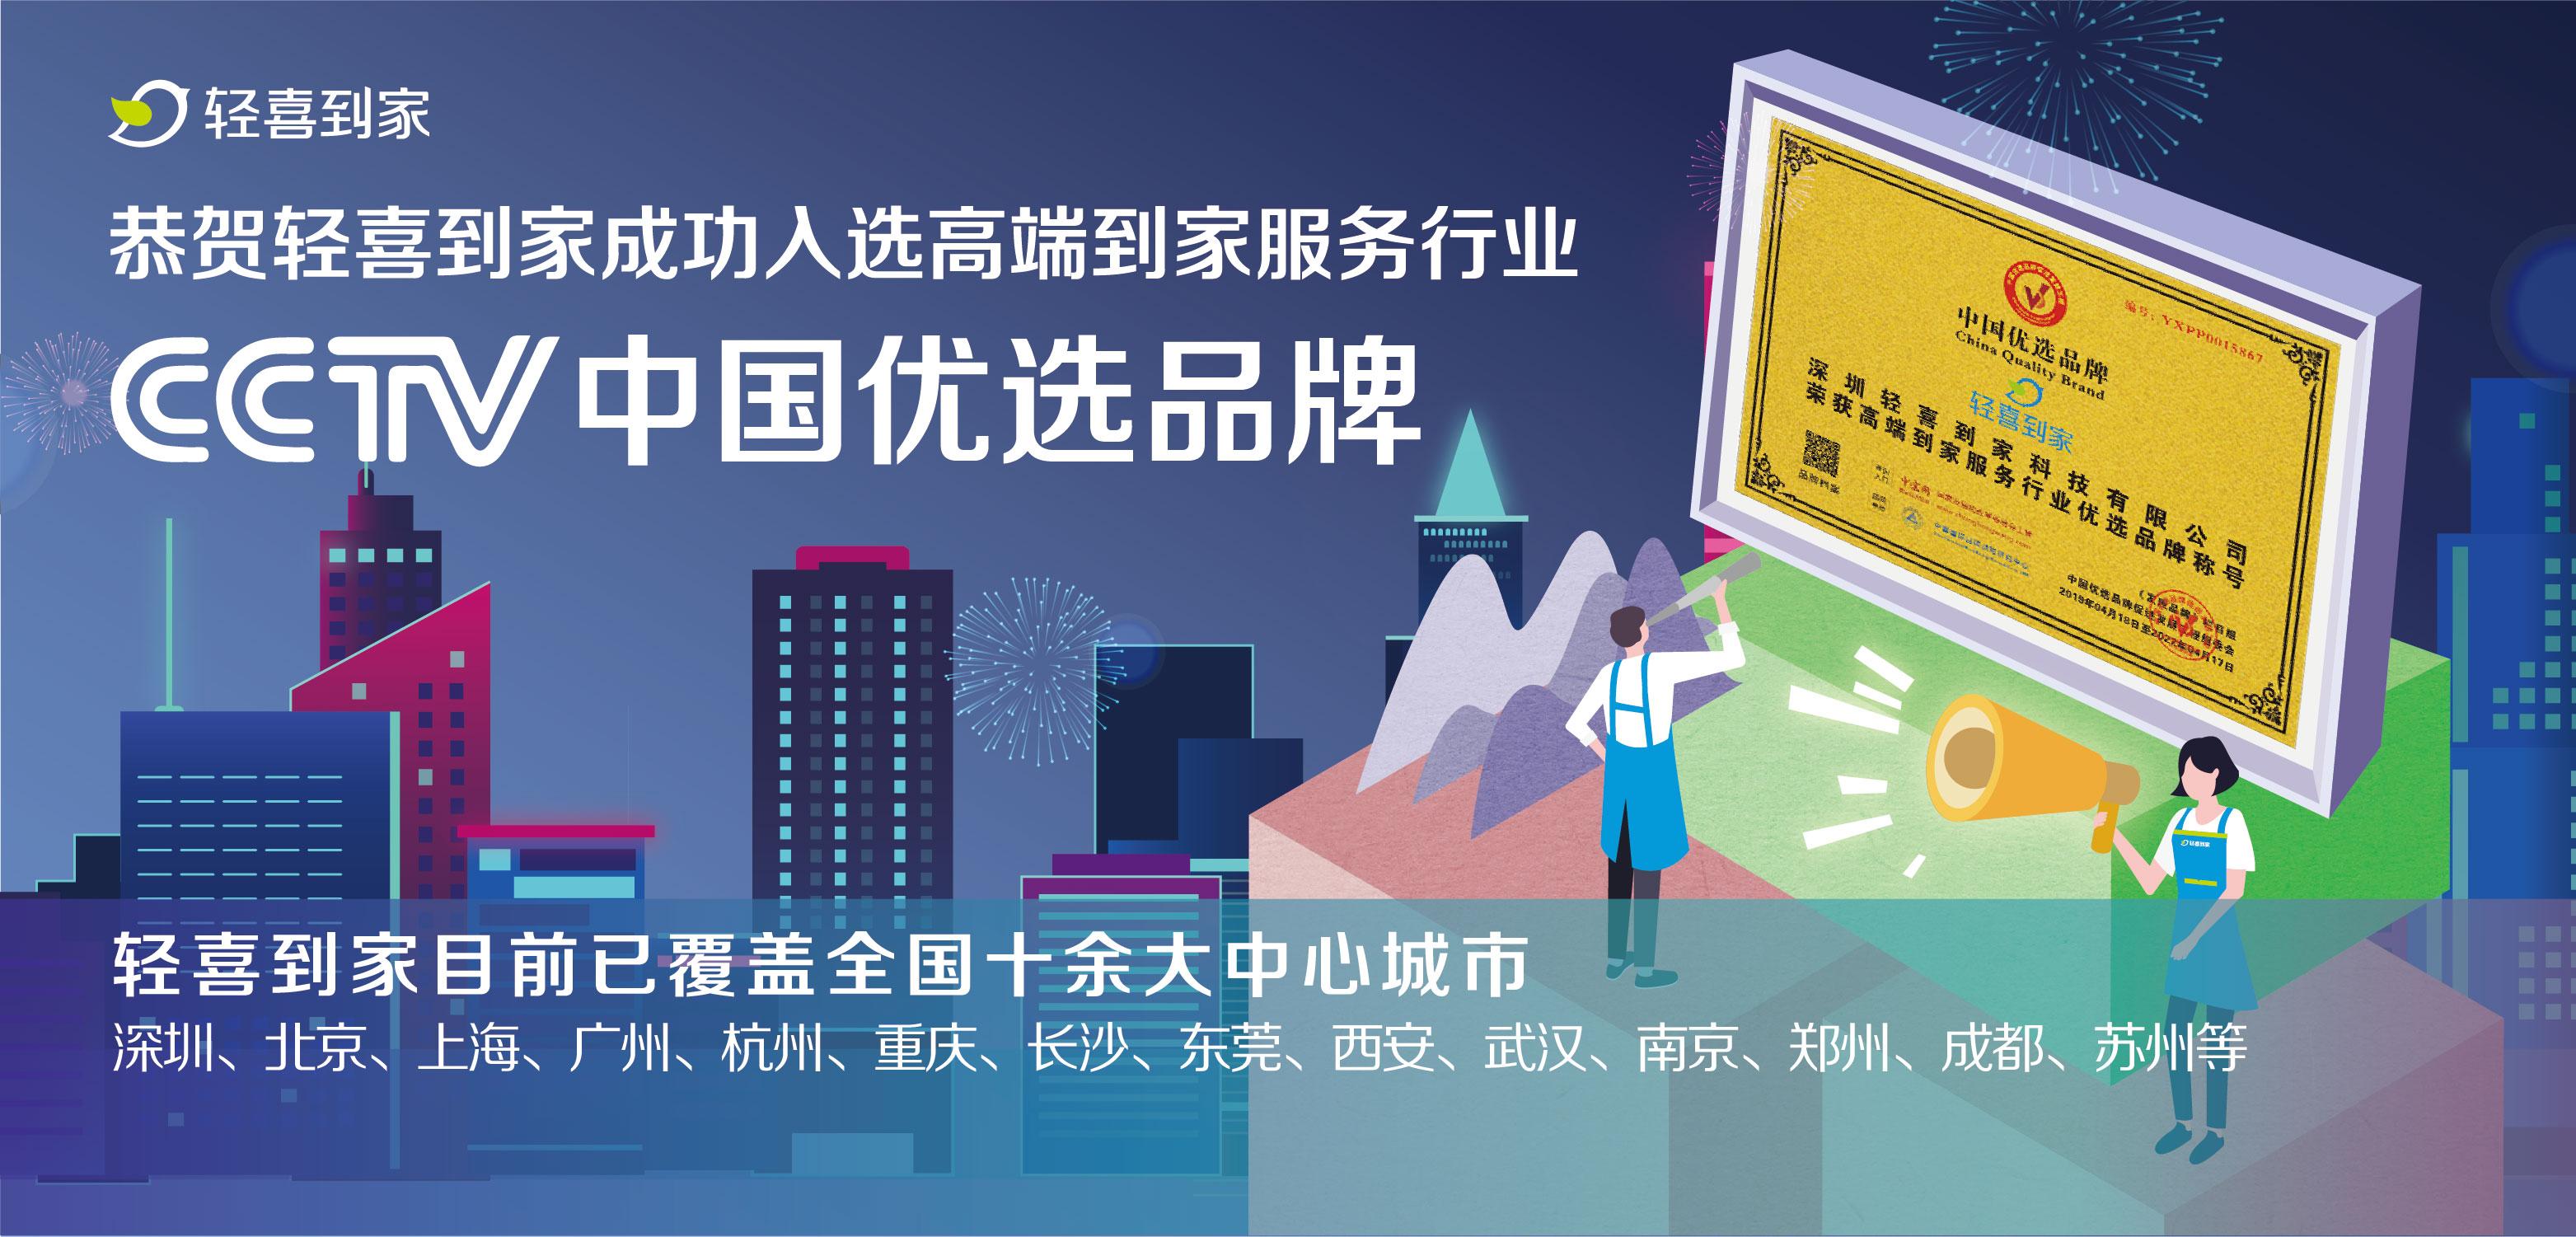 重庆渝北家政服务哪家好,渝北区有哪些好家政公司?